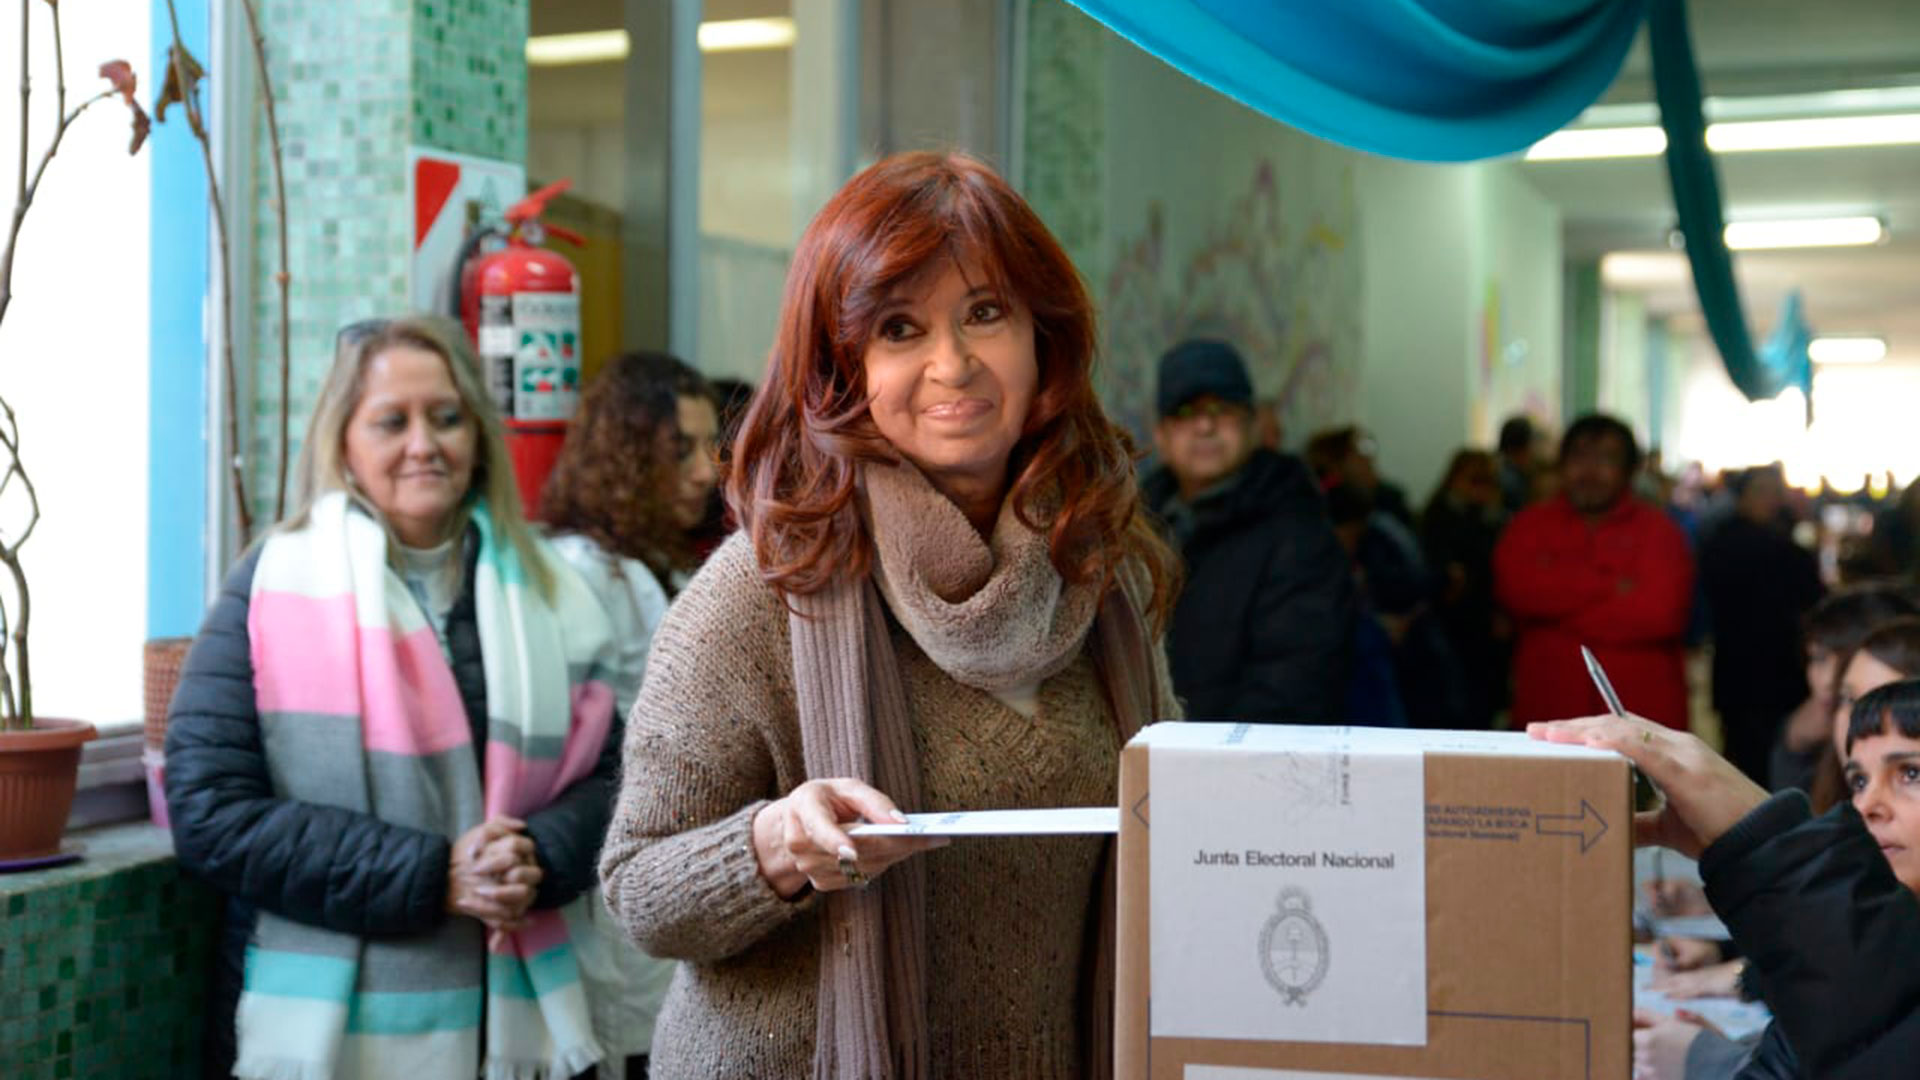 La ex presidenta Cristina Kirchner votó en Río Gallegos. Demoró 30 minutos en sufragar